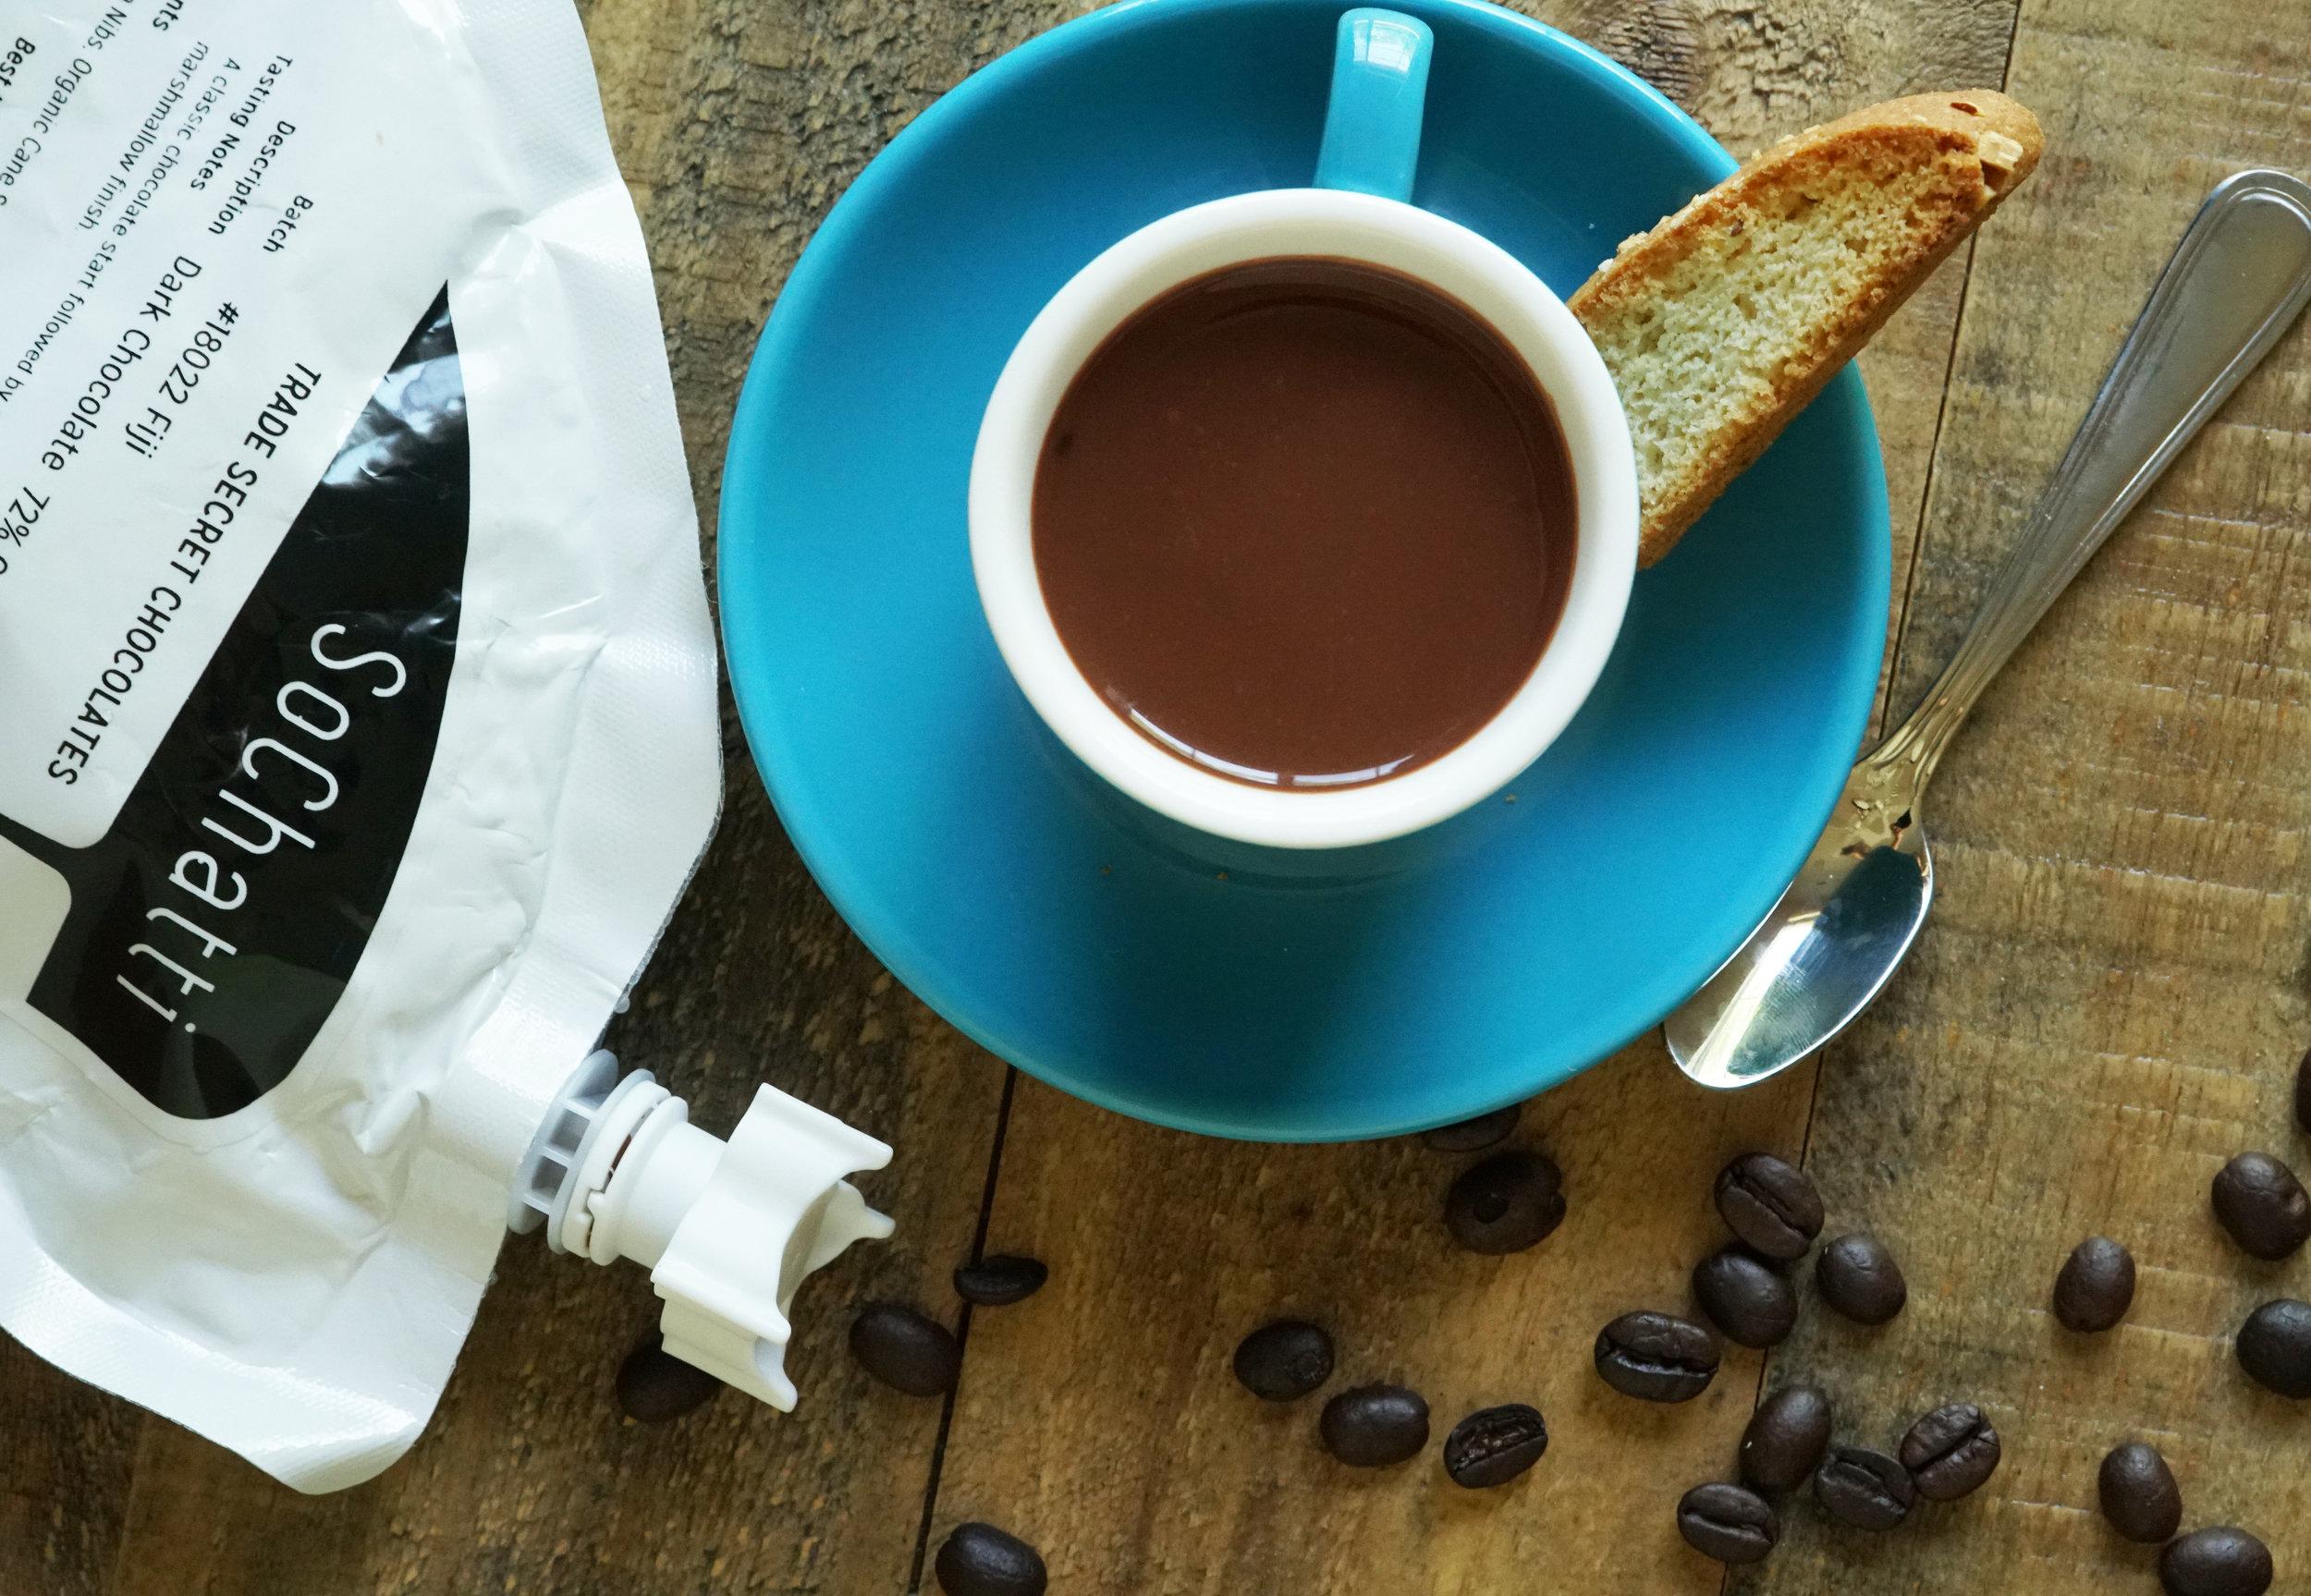 50 50 Espresso SoChatti in Teal Cup B.jpg